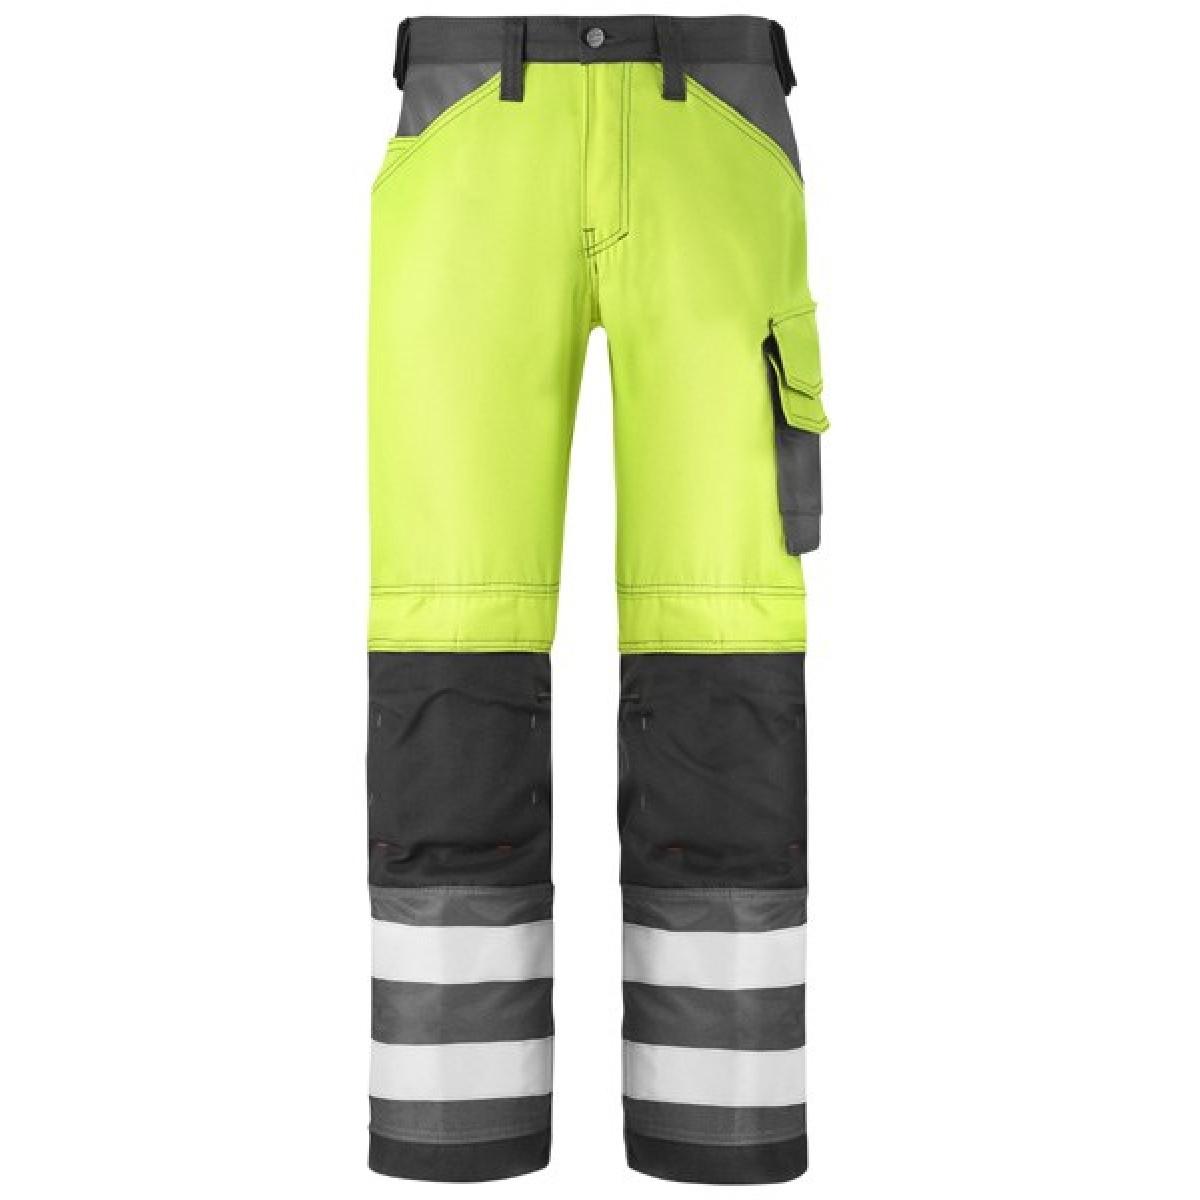 960b6df3728 Pantalon haute visibilité classe 2 jaune